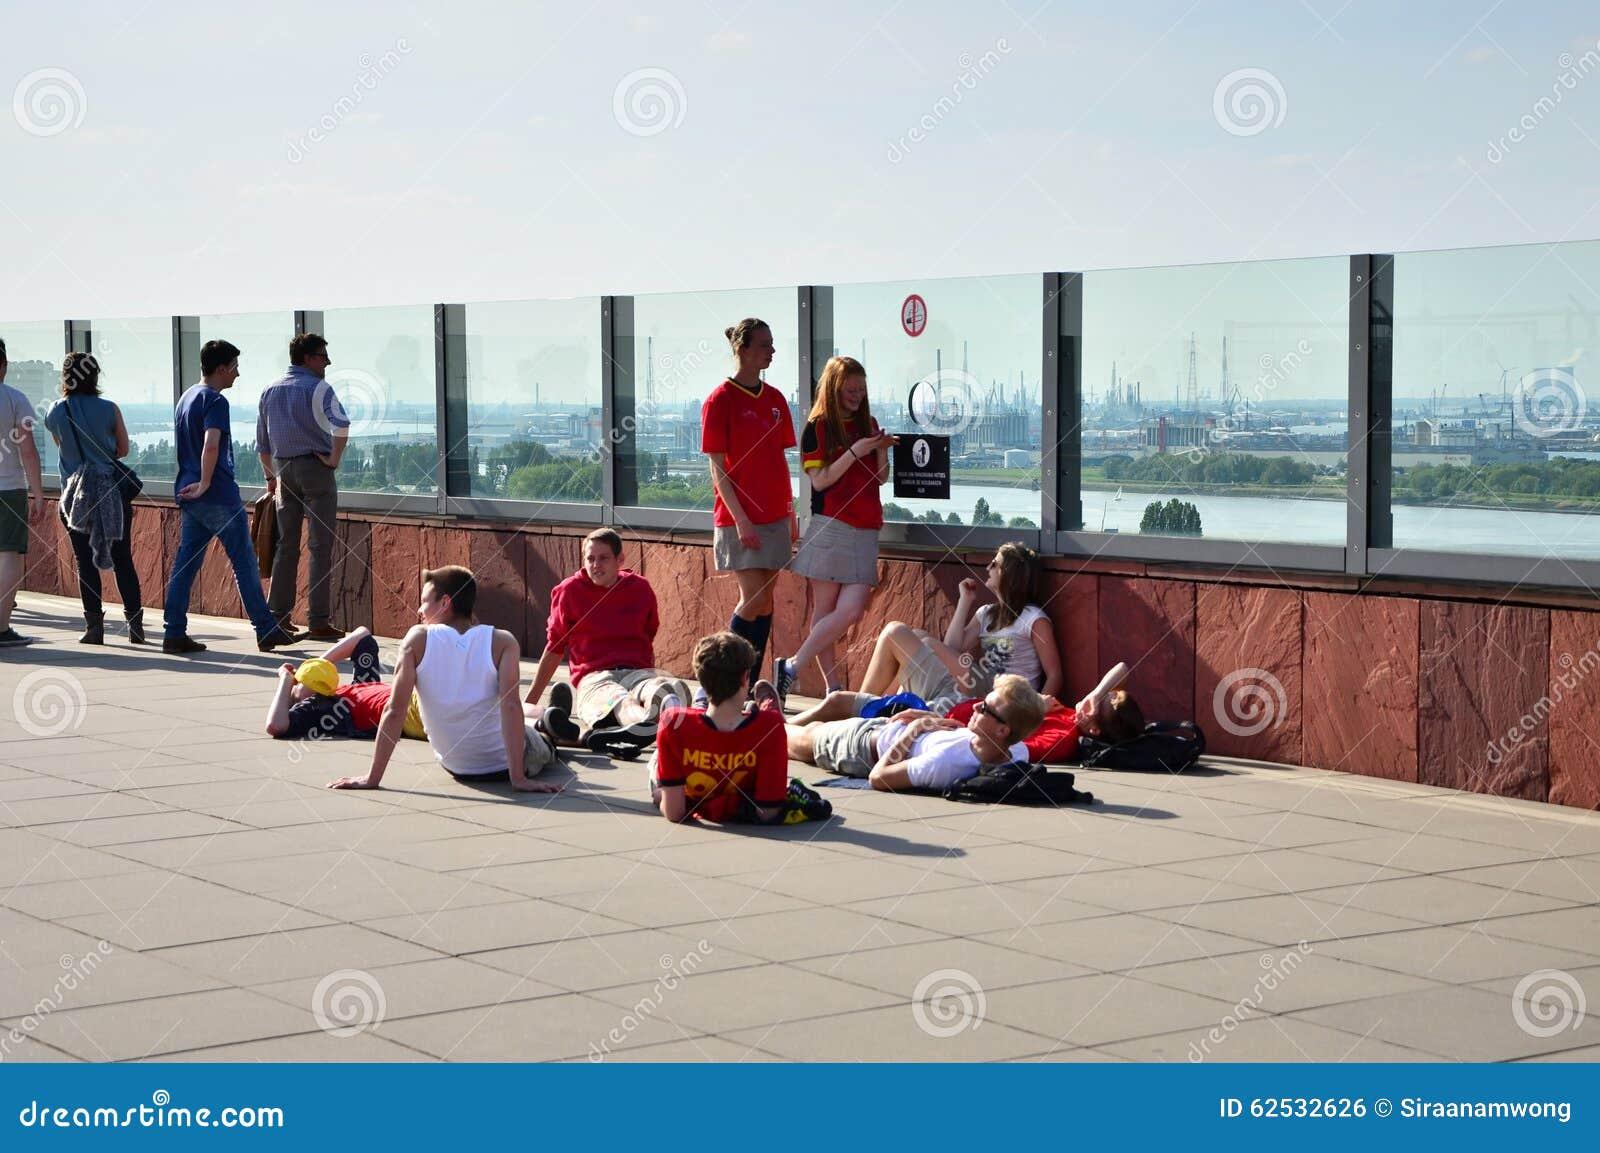 Αμβέρσα, Βέλγιο - 10 Μαΐου 2015: Οι άνθρωποι επισκέπτονται τη στέγη του μουσείου aan de Stroom